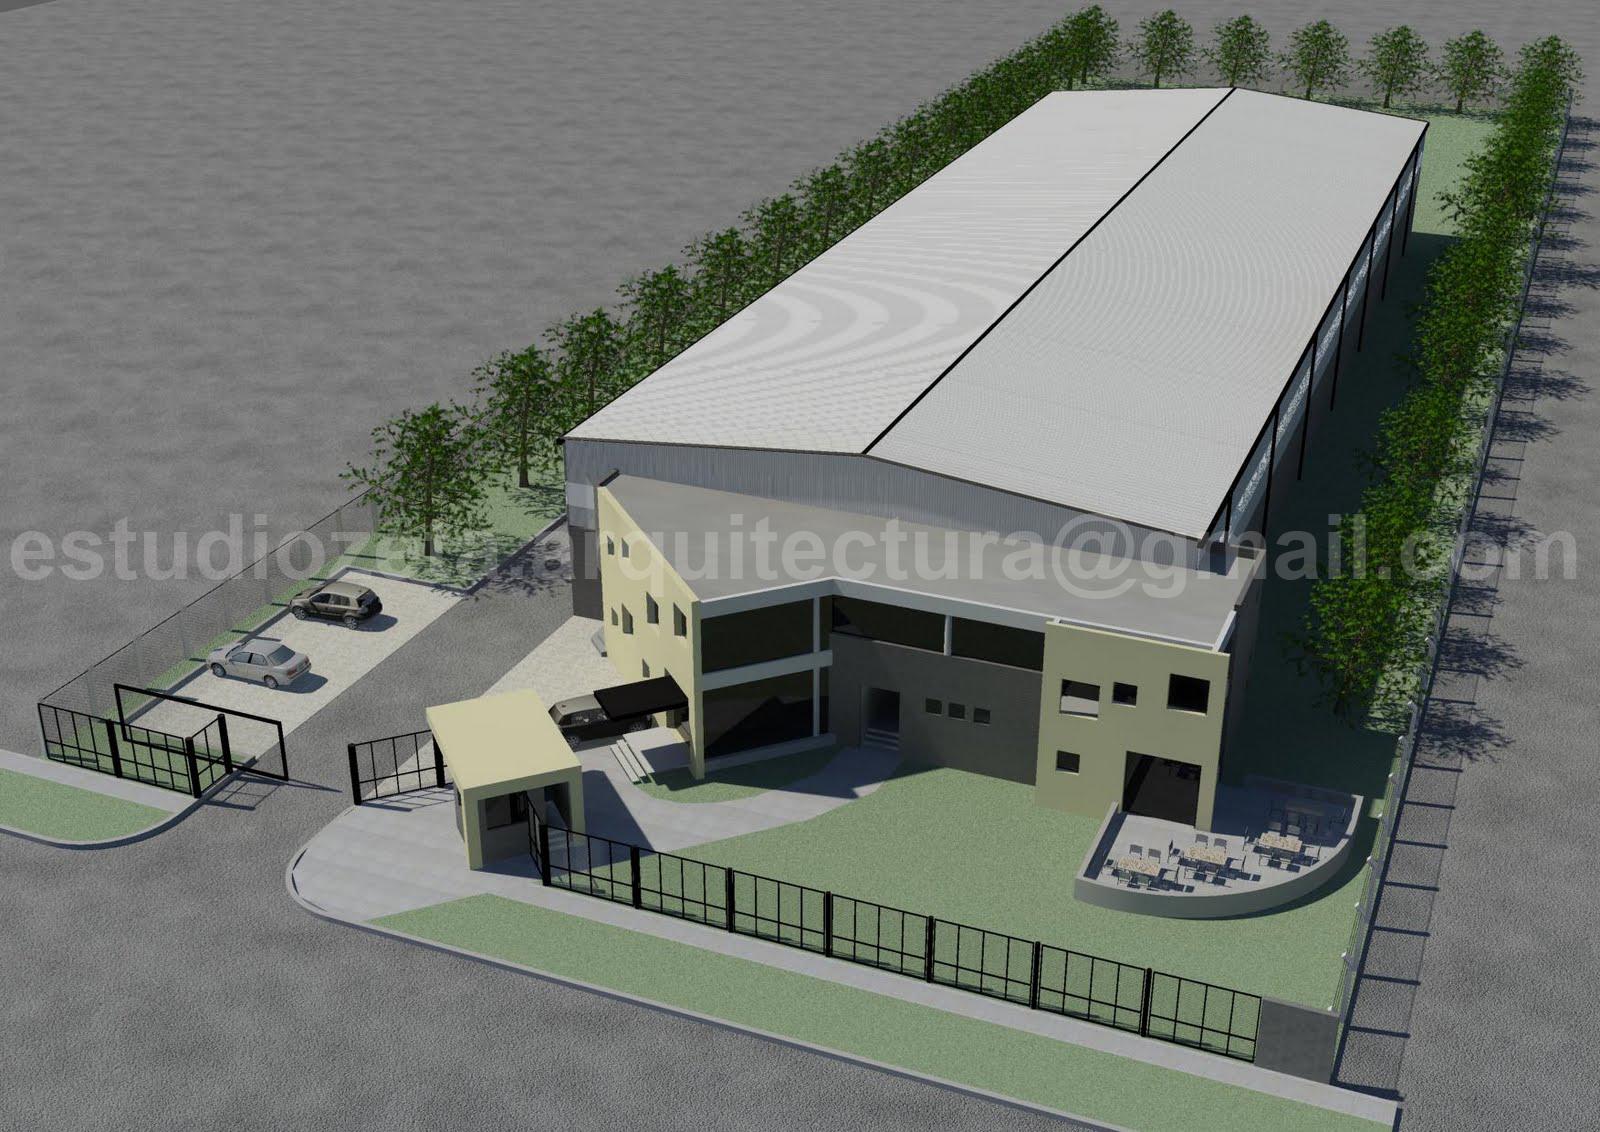 Dz l nz arquitectos nave industrial oficinas parque - Imagenes de fachadas de empresas ...